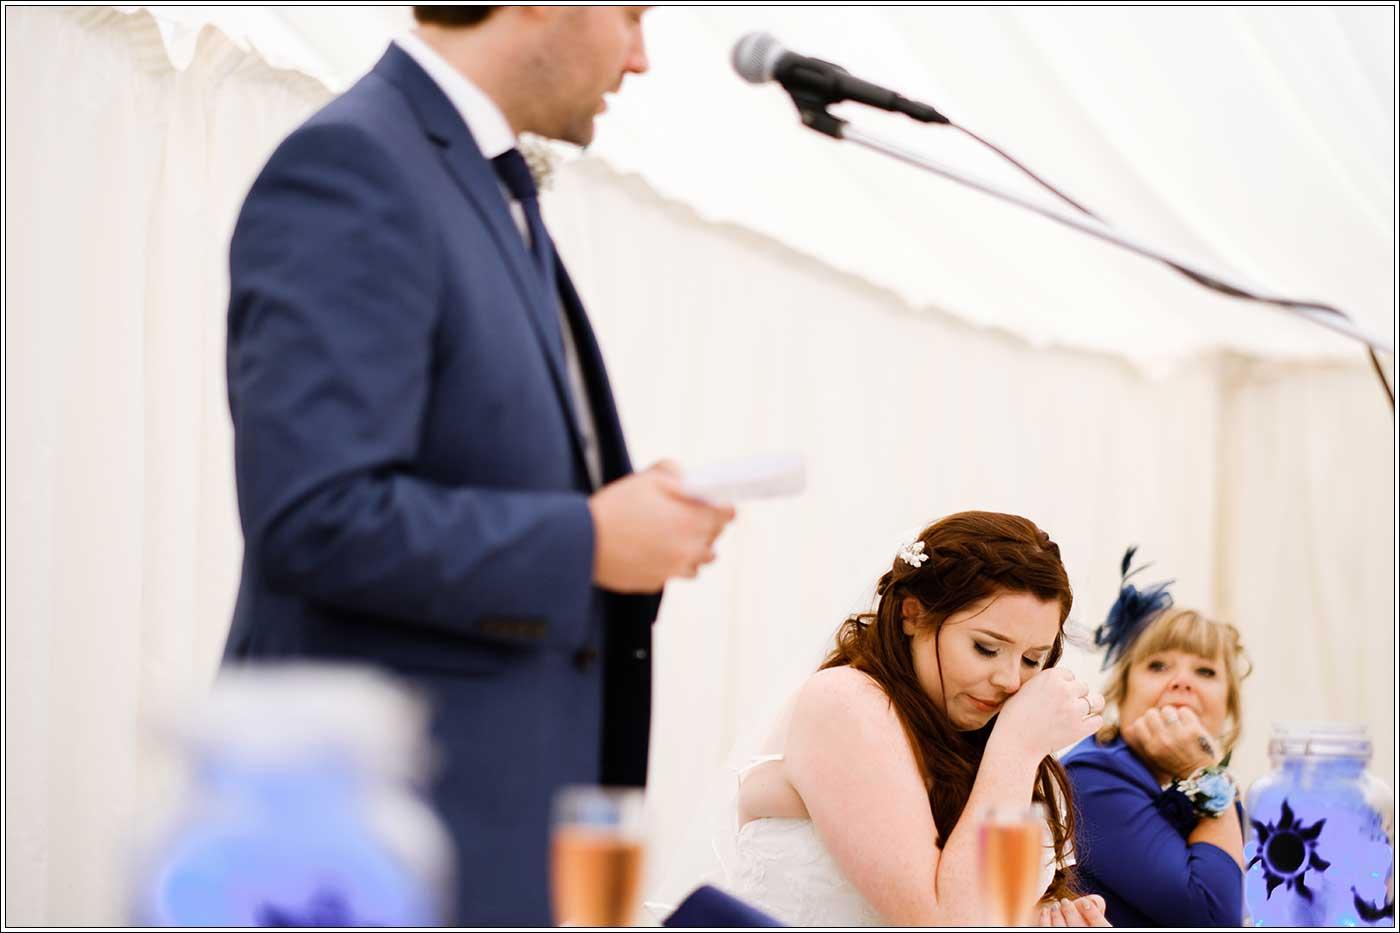 Bride in tears during groom's speech